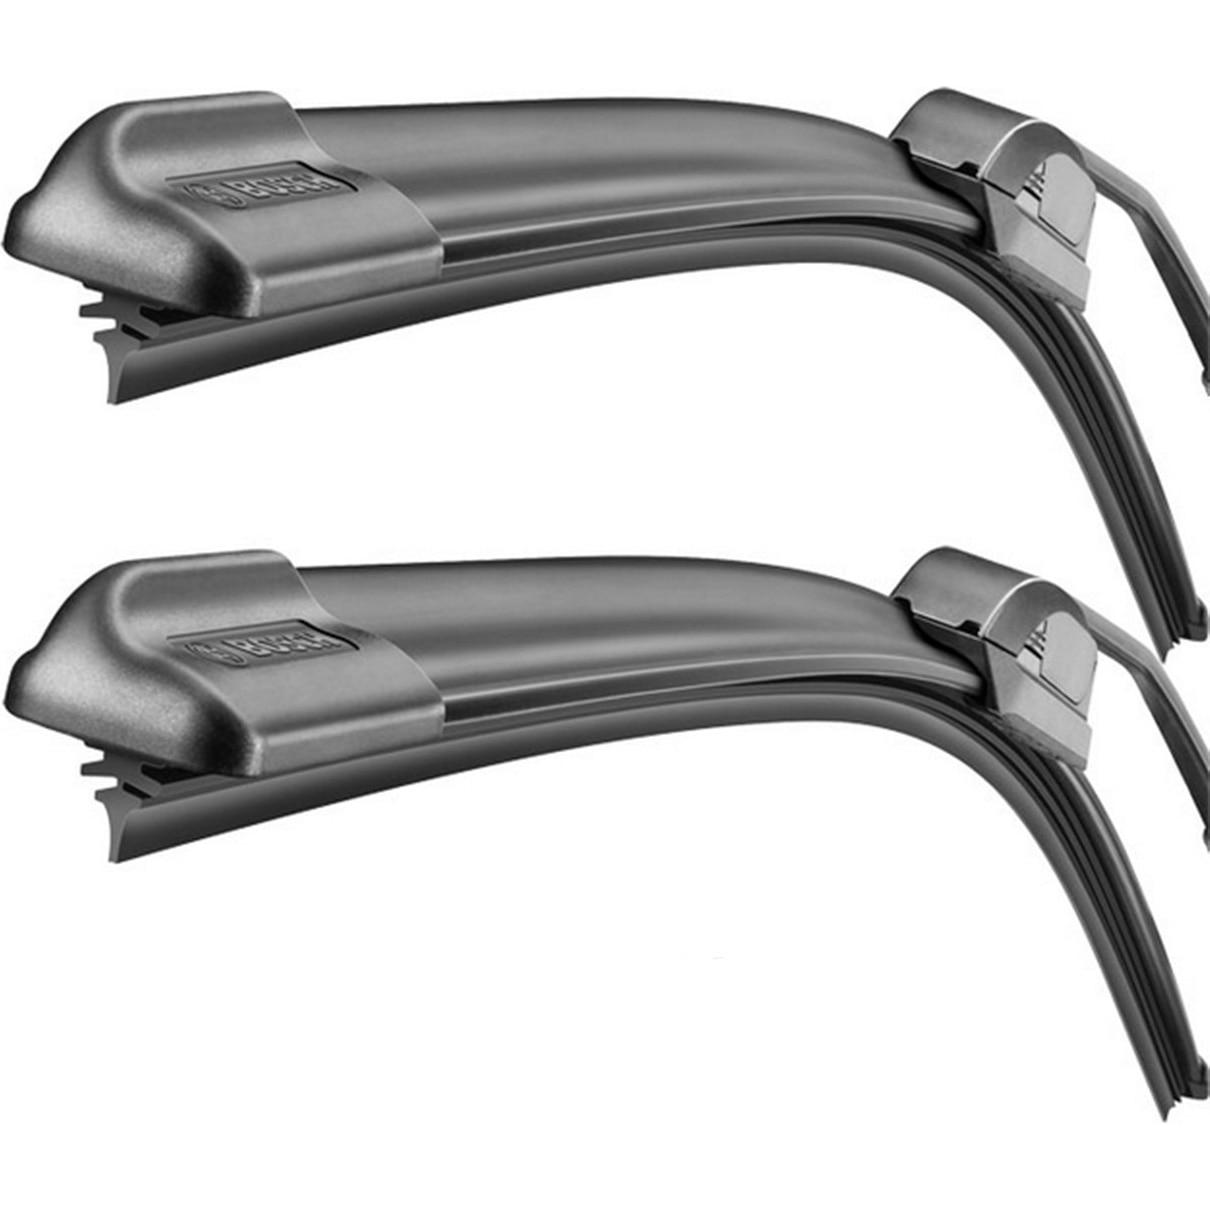 Fotografie Set stergatoare Bosch AeroTwin Retrofit, pentru parbriz 65 cm si 65 cm, pentru prindere clasica (carlig)